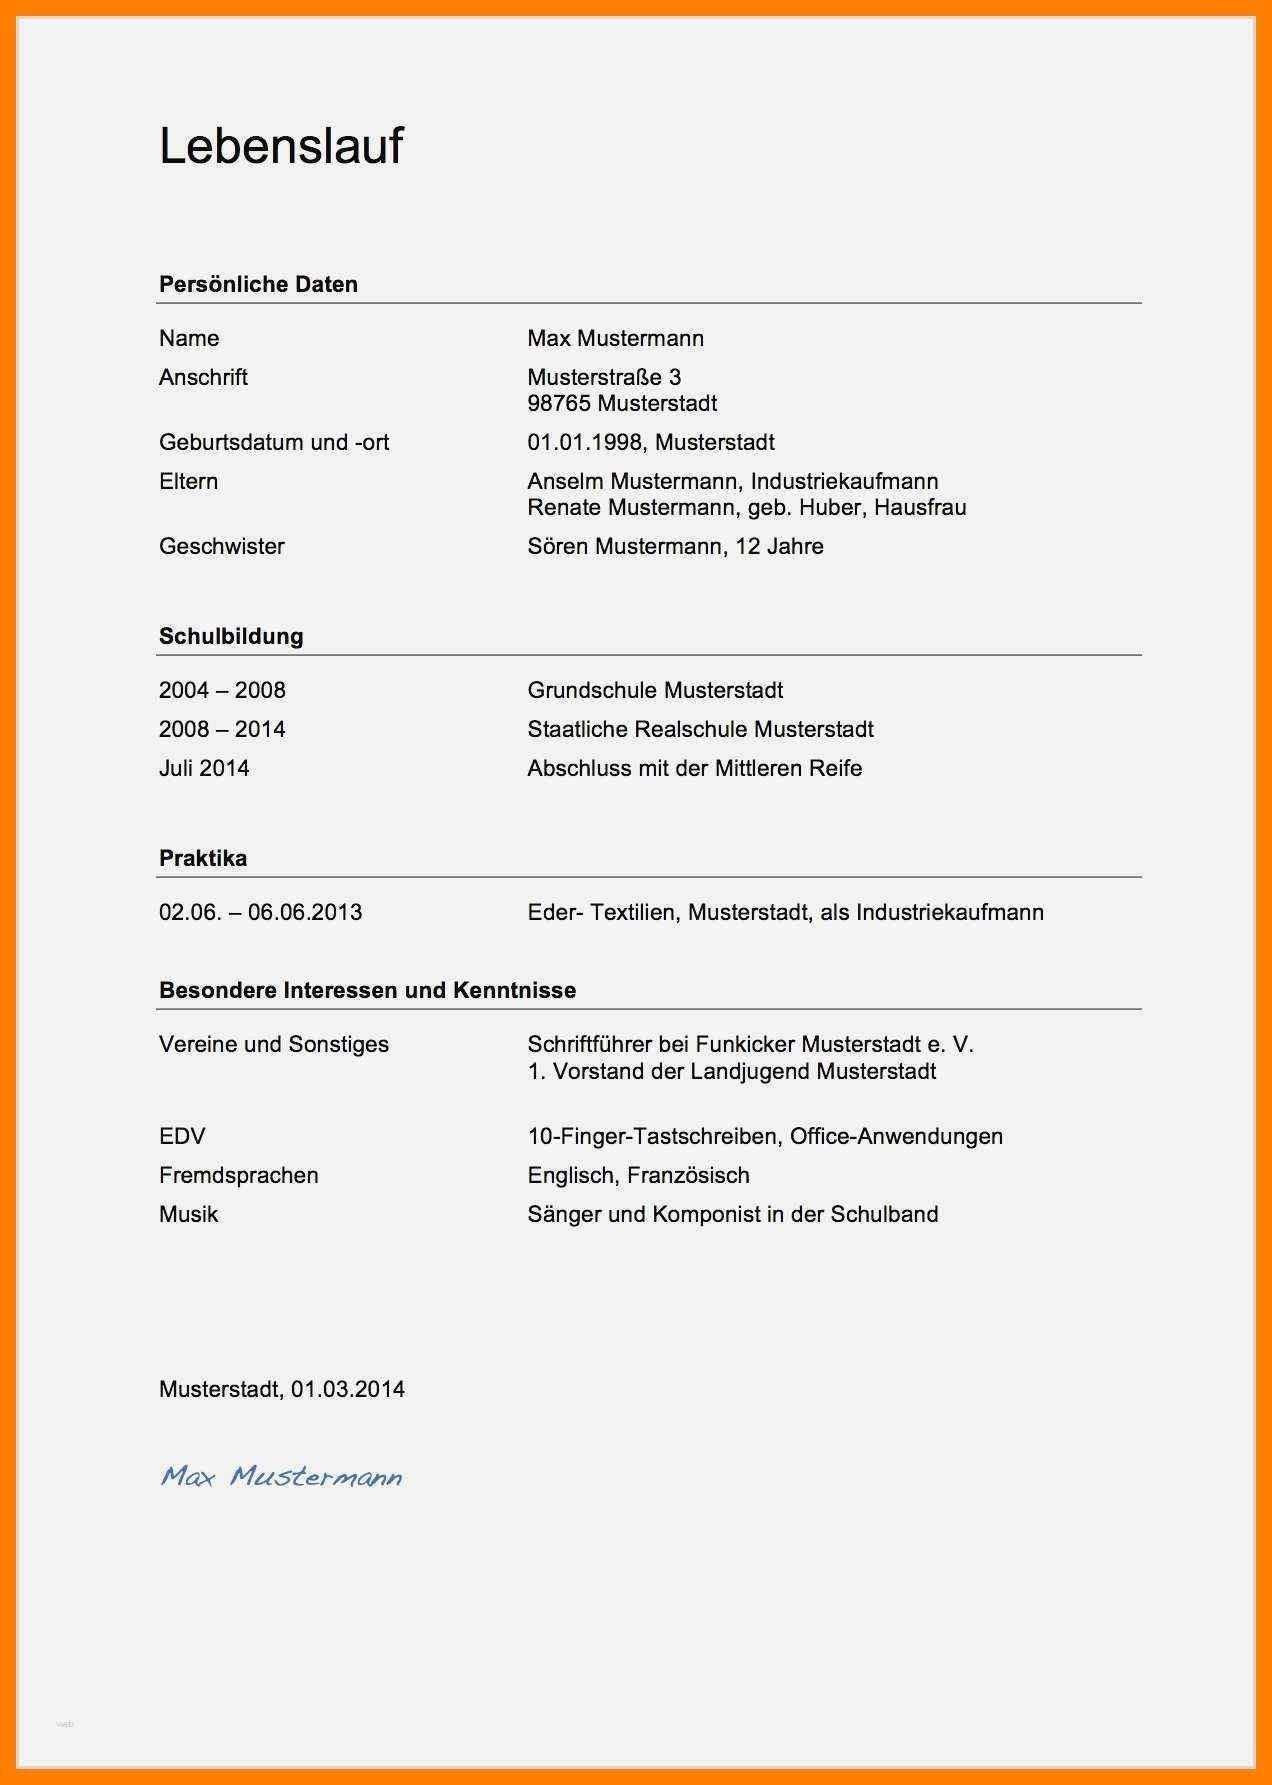 Frisch Din 5008 Bewerbung Vorlage Word Briefprobe Briefformat Briefvorlage Lebenslauf Vorlagen Lebenslauf Vorlagen Word